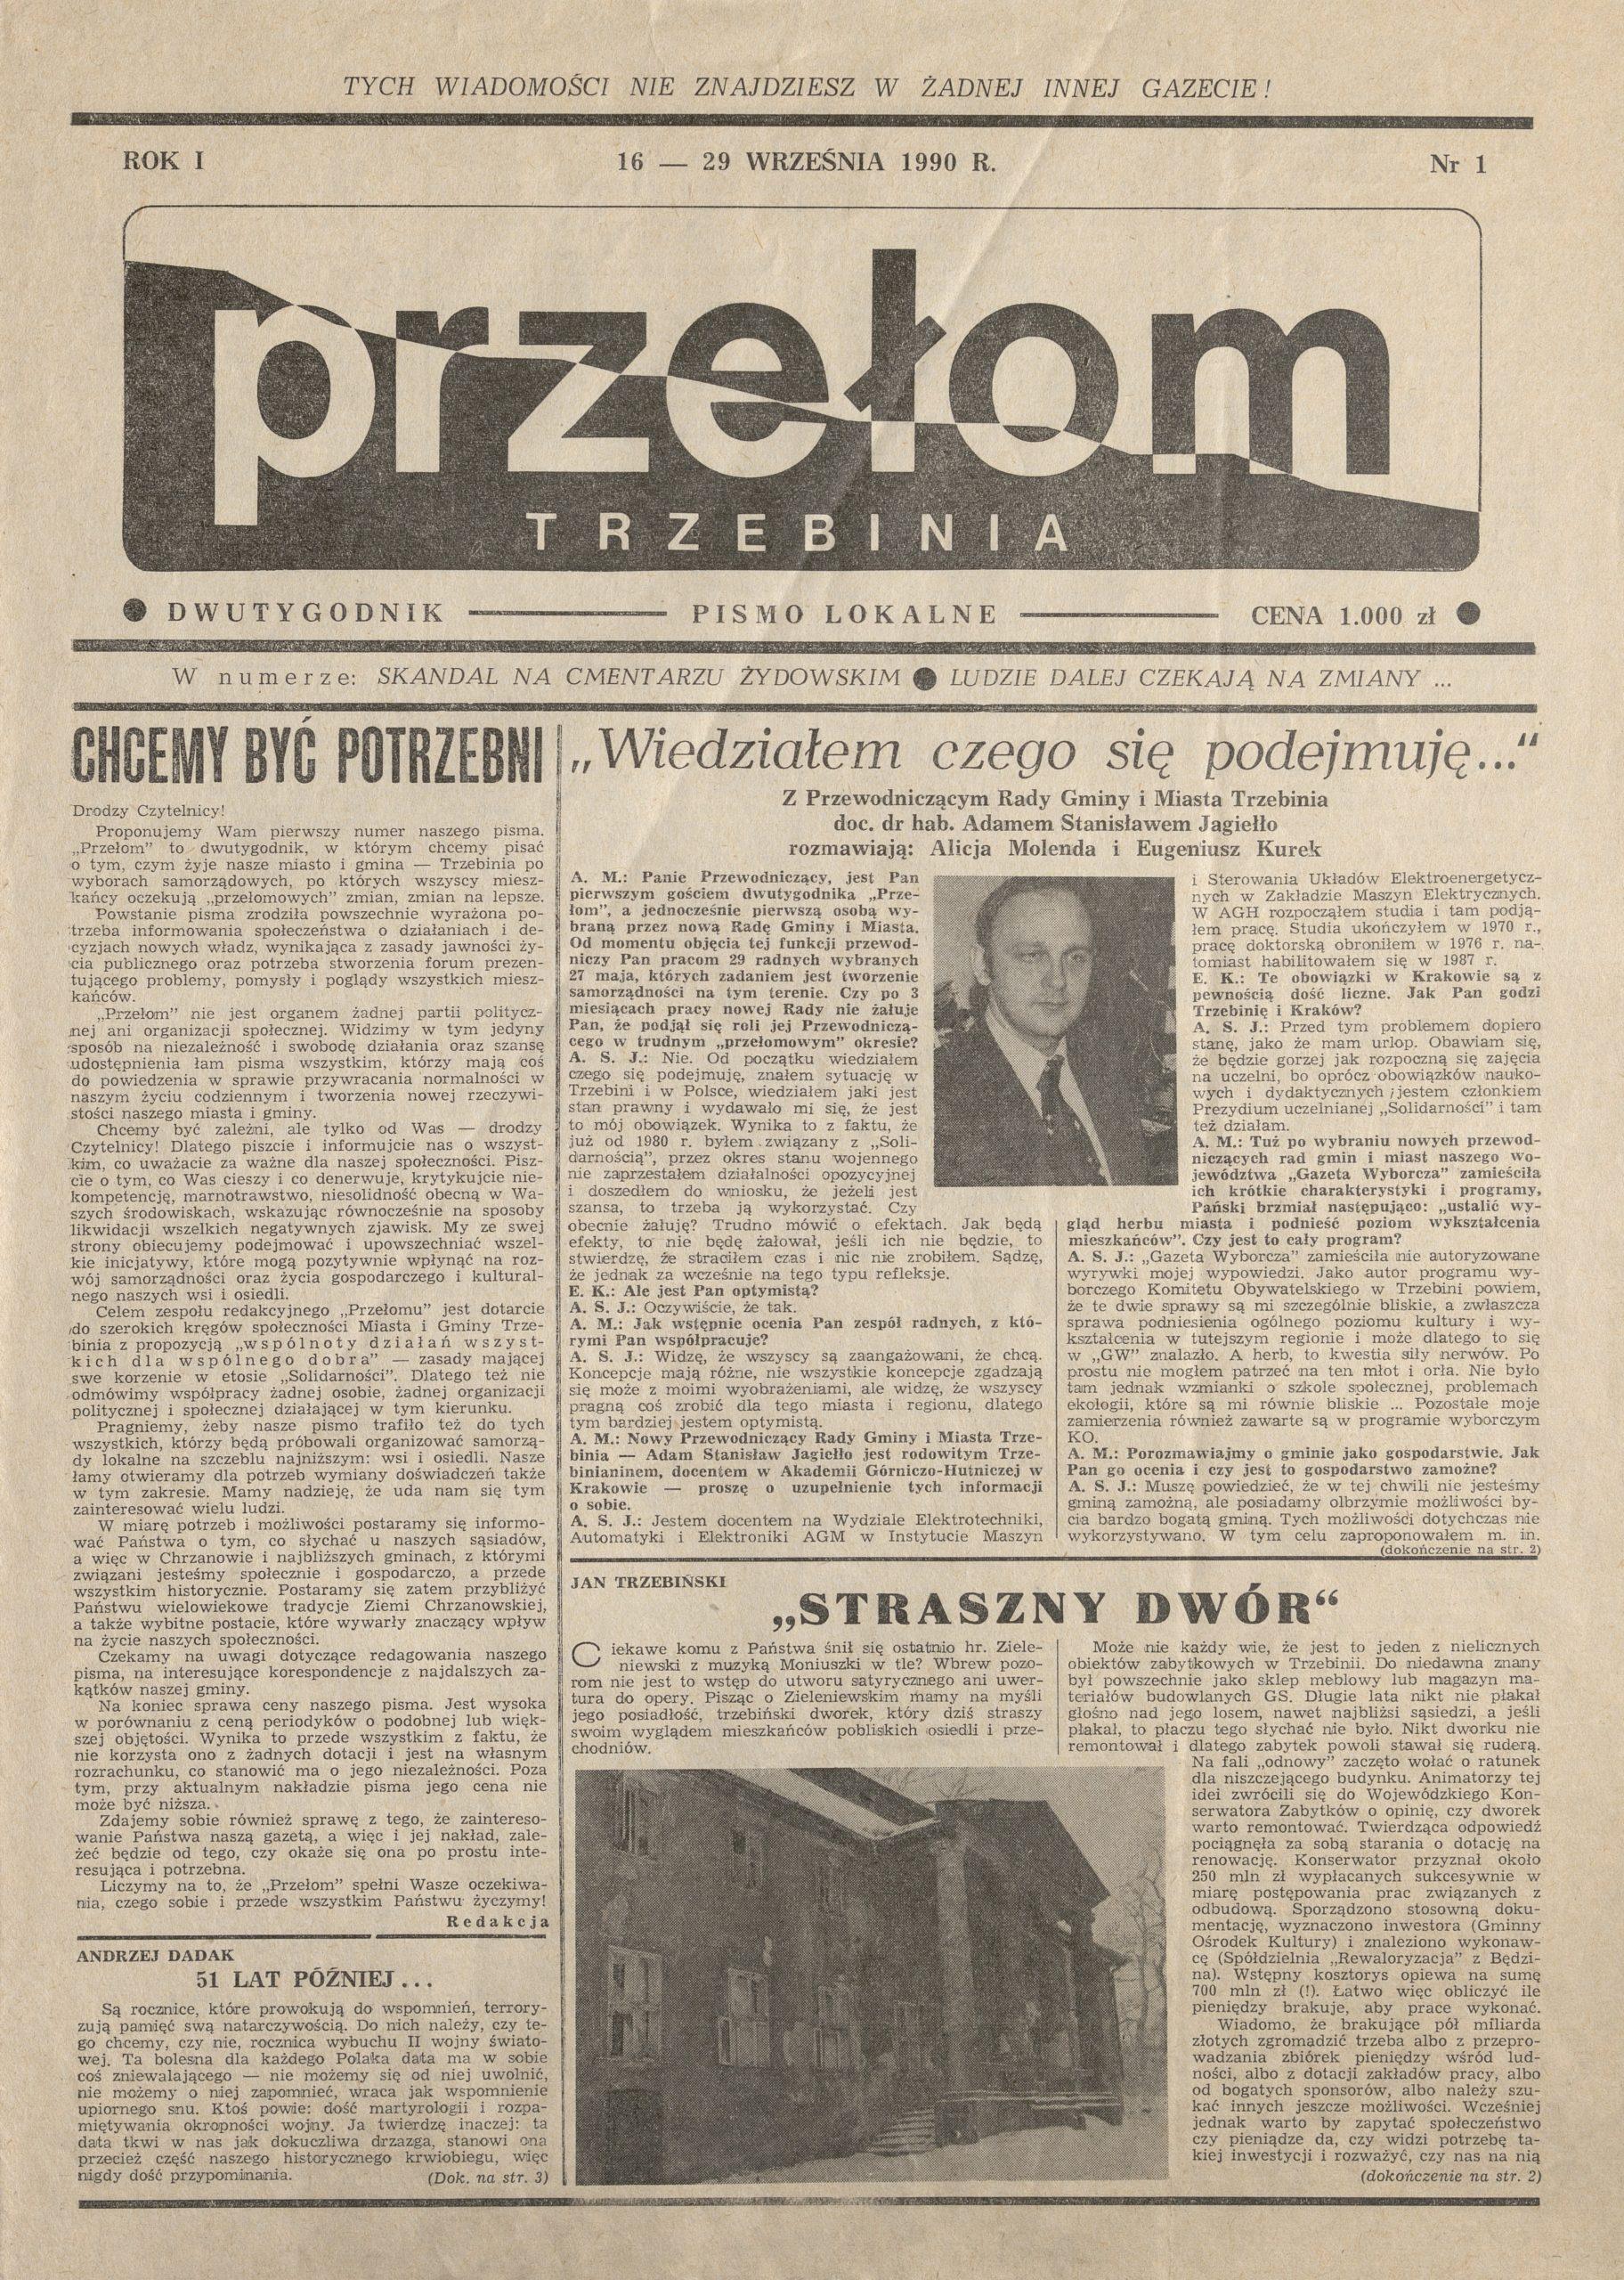 Pierwsza strona czasopisma Przełom